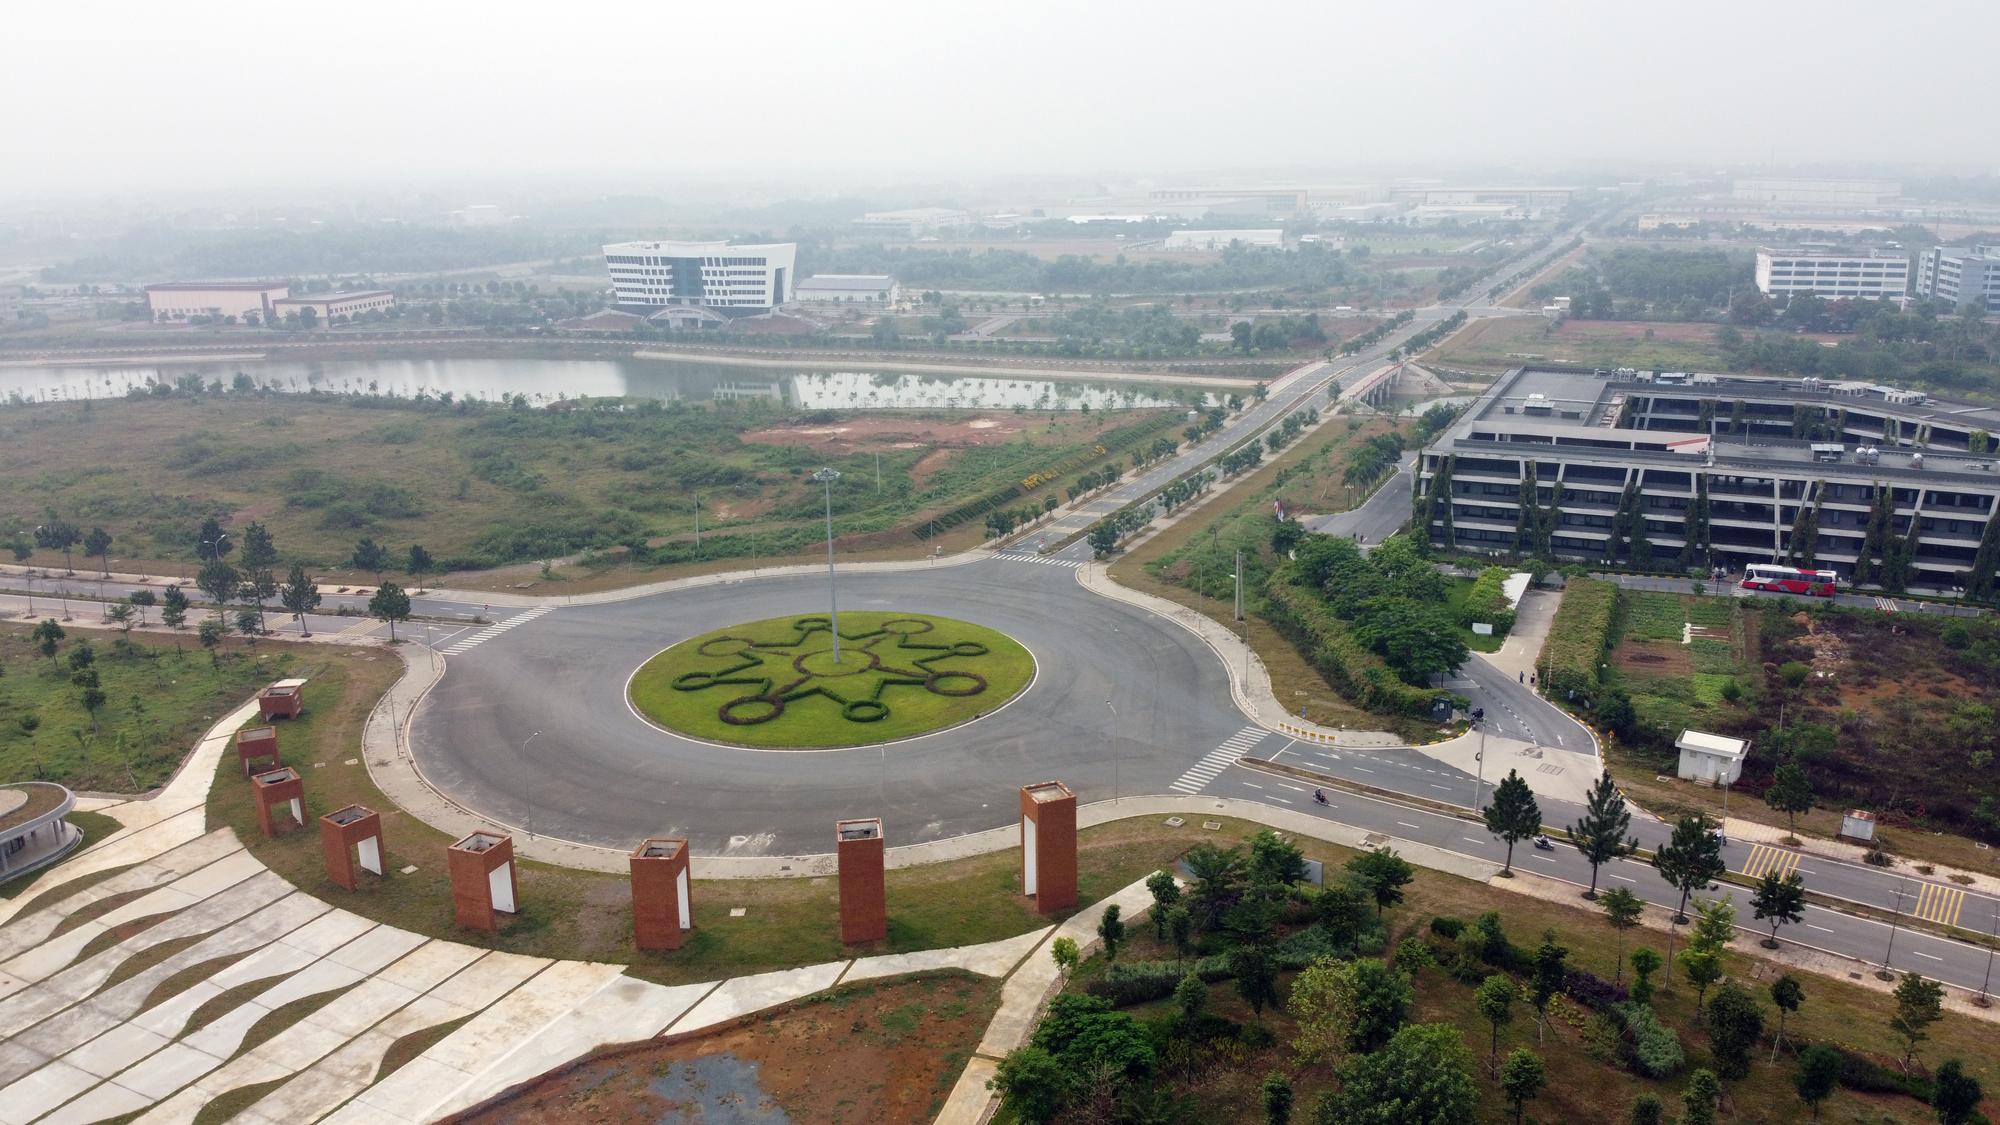 Siêu đô thị Hòa Lạc chưa hình thành, giá đất đã tăng chóng mặt - Ảnh 1.